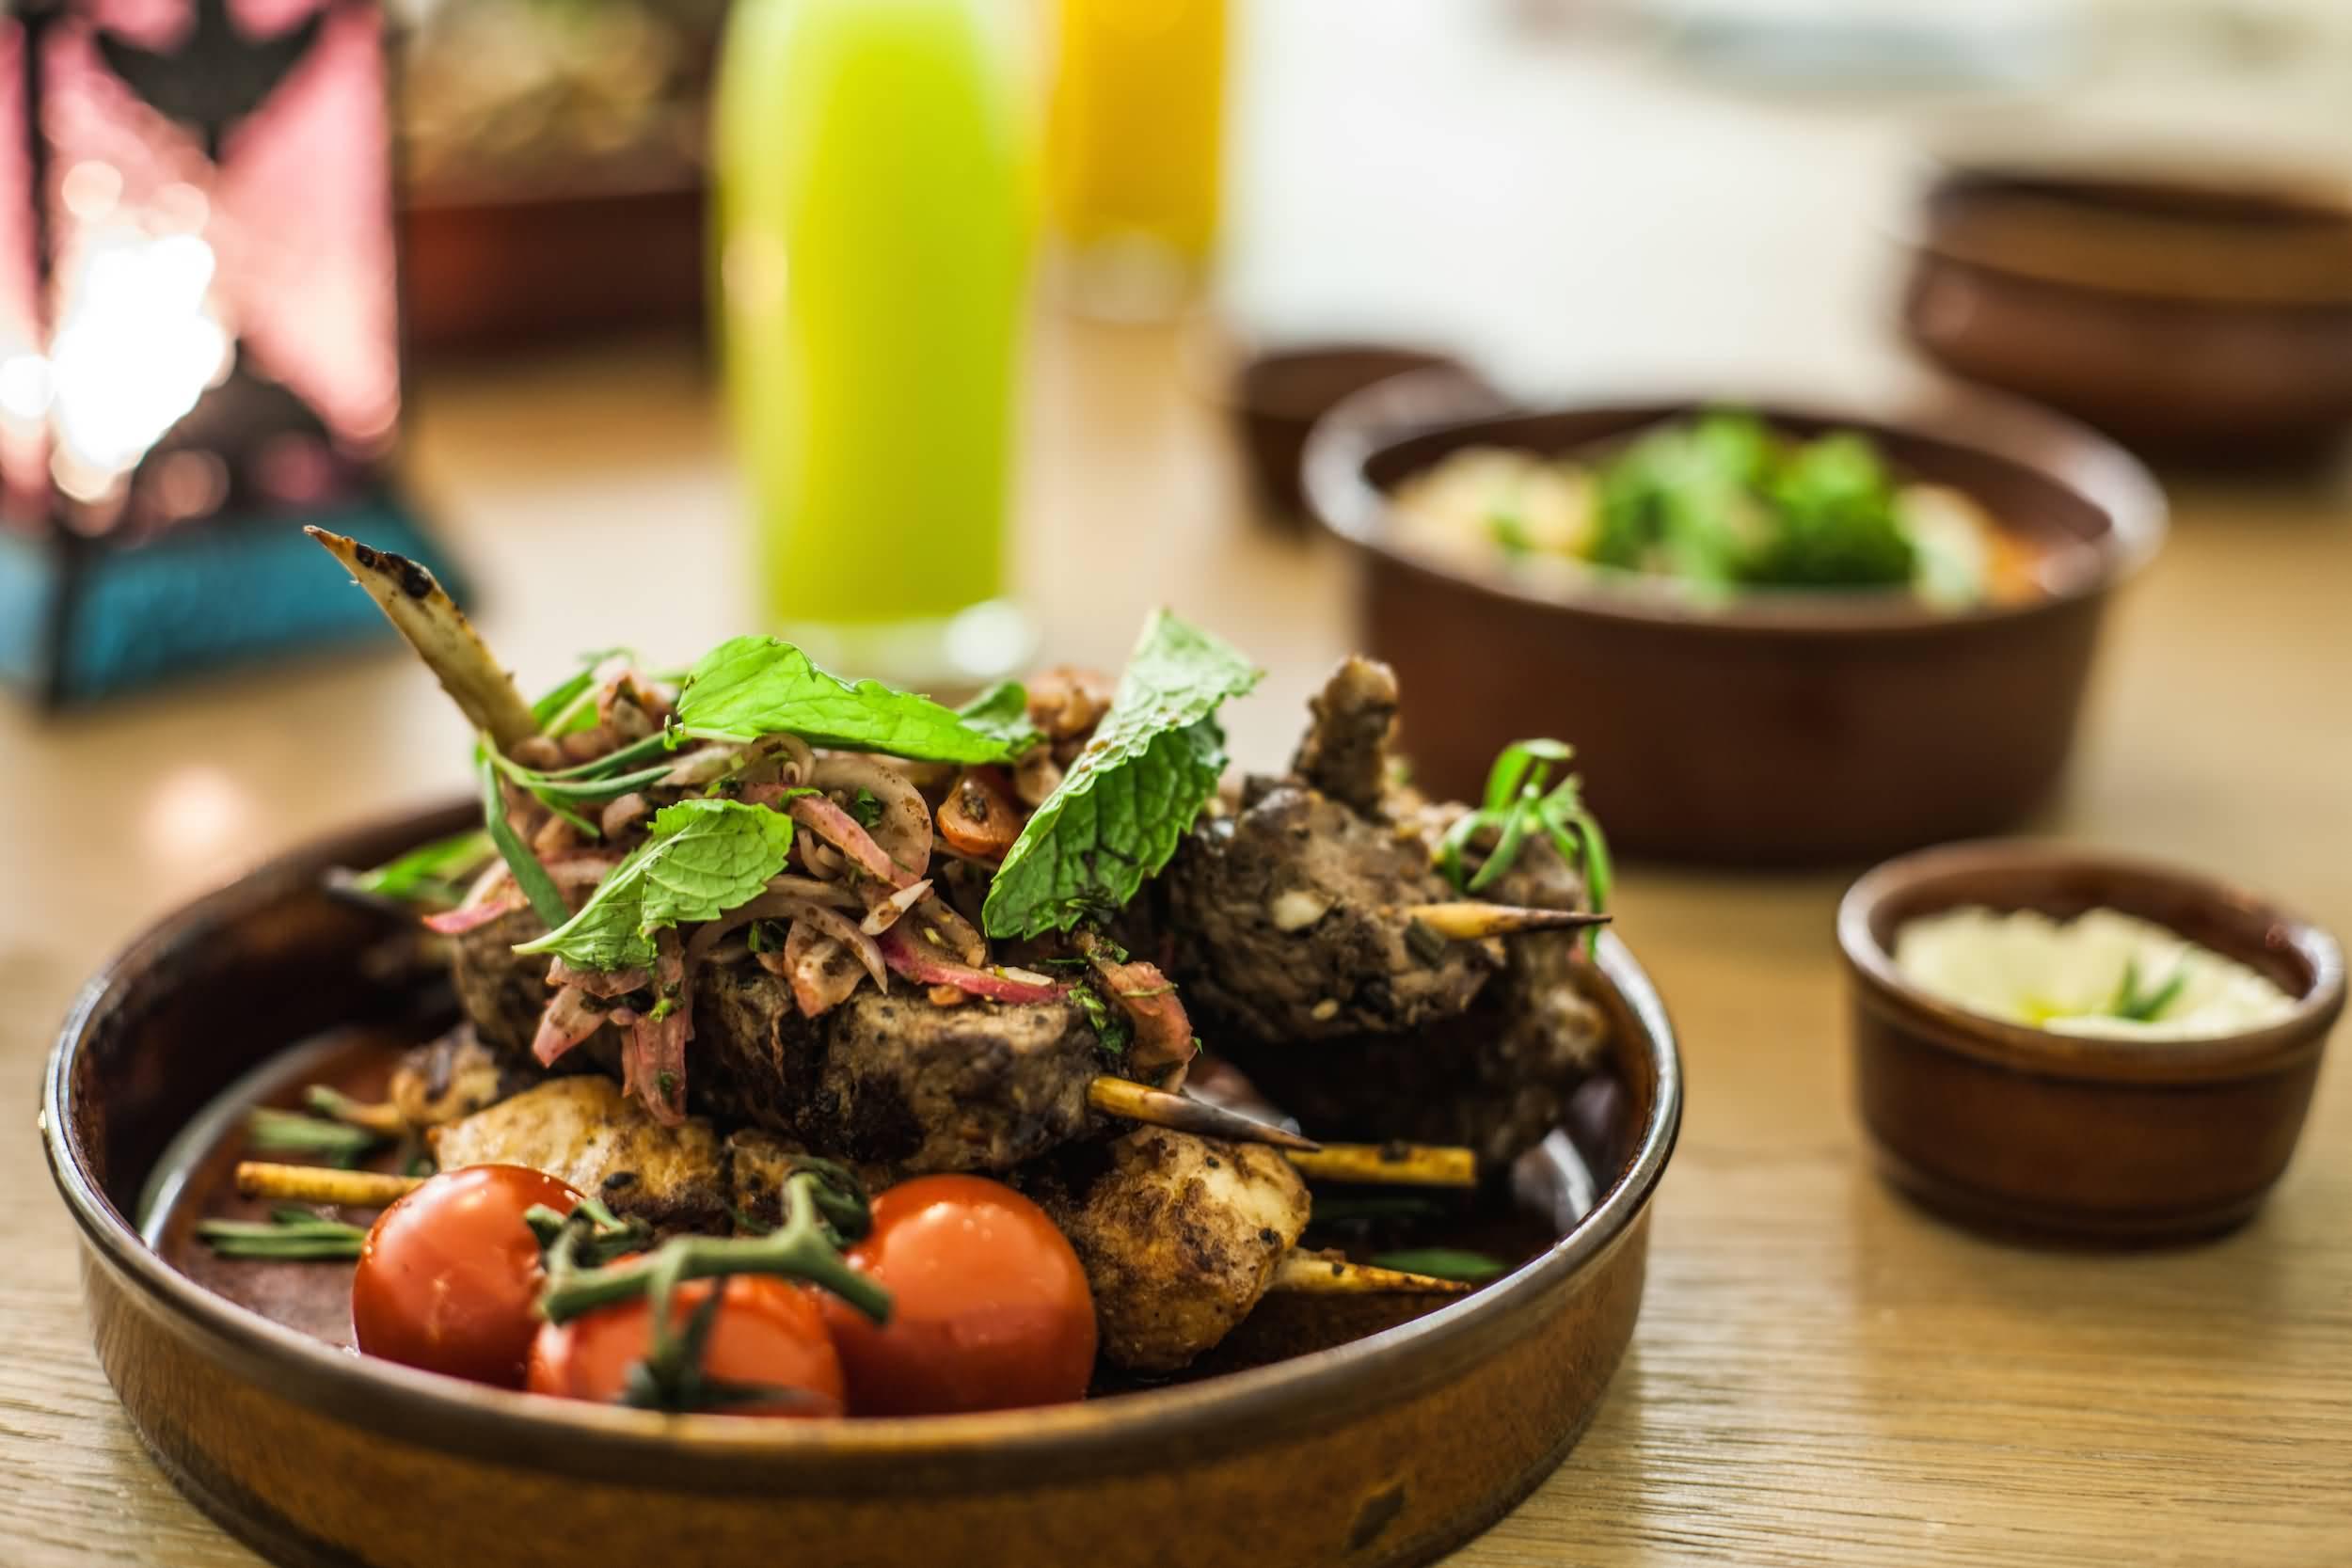 مطعم ثري إن وان في رمضان – داون تاون